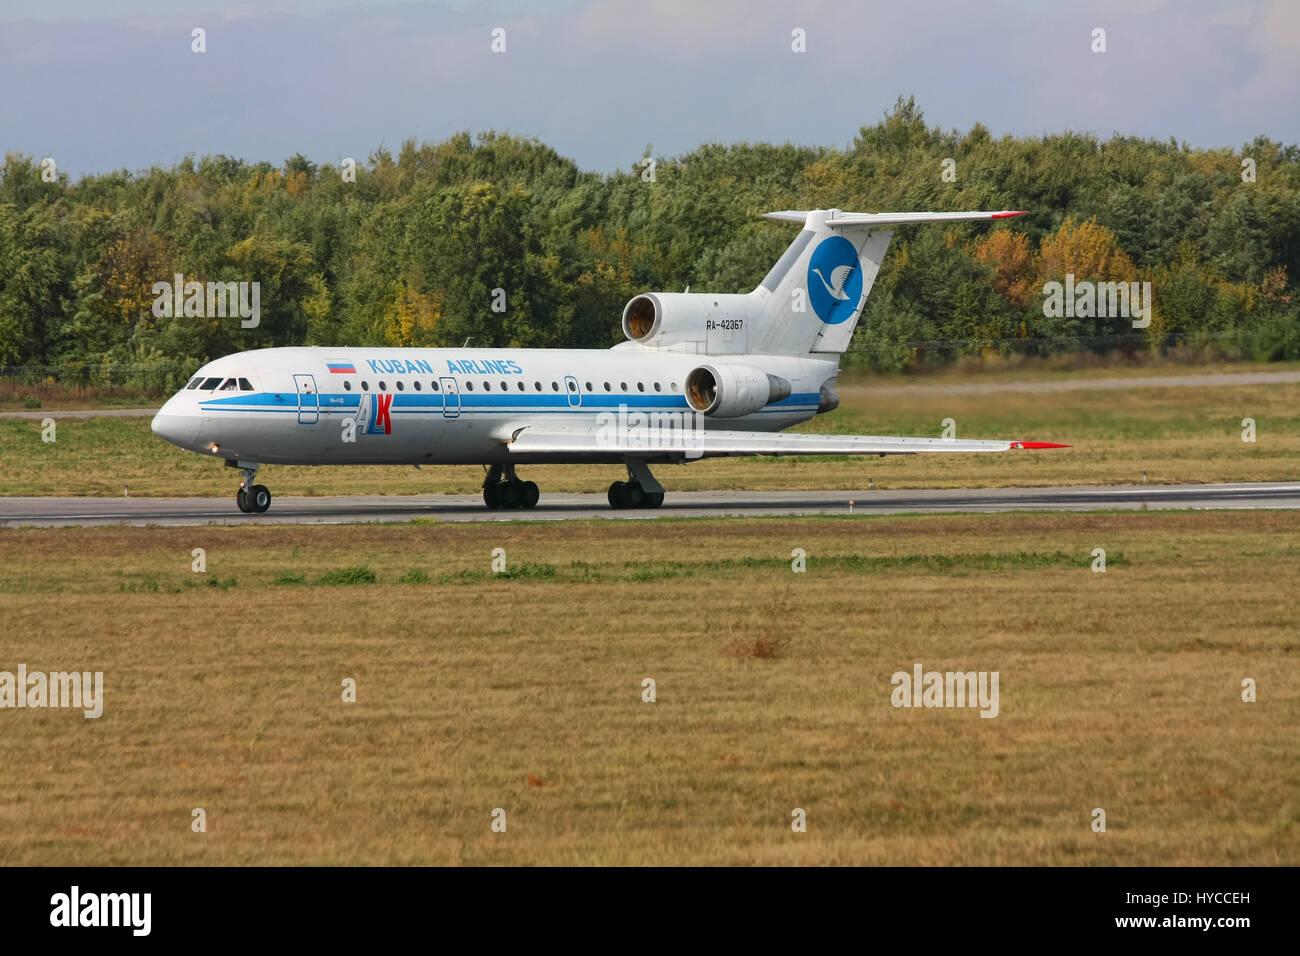 Gli Yak-42 aeromobile è in fase di accelerazione prima del decollo, Rostov-on-Don, in Russia, 13 ottobre 2010. Immagini Stock